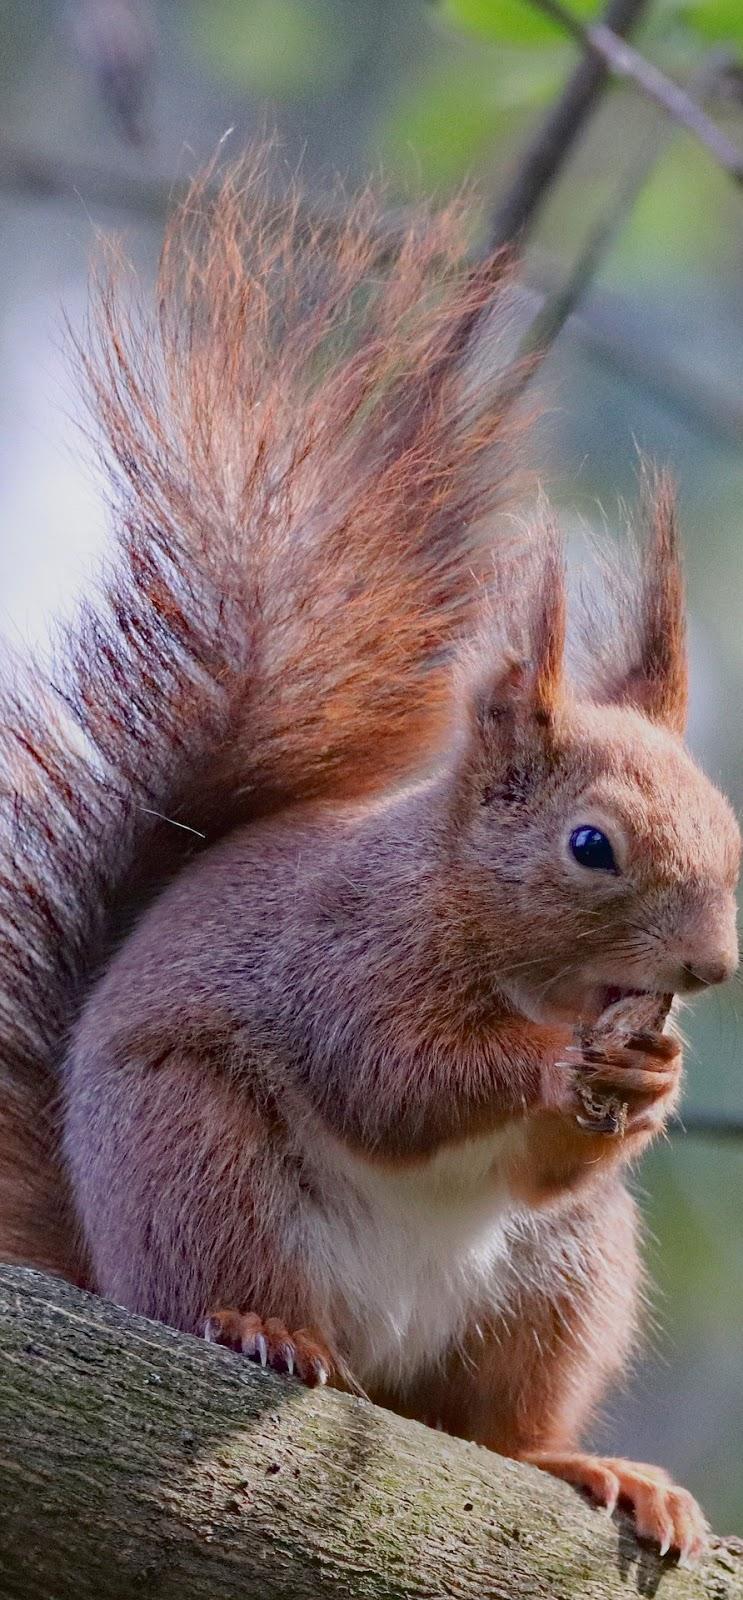 A squirrel feeding.